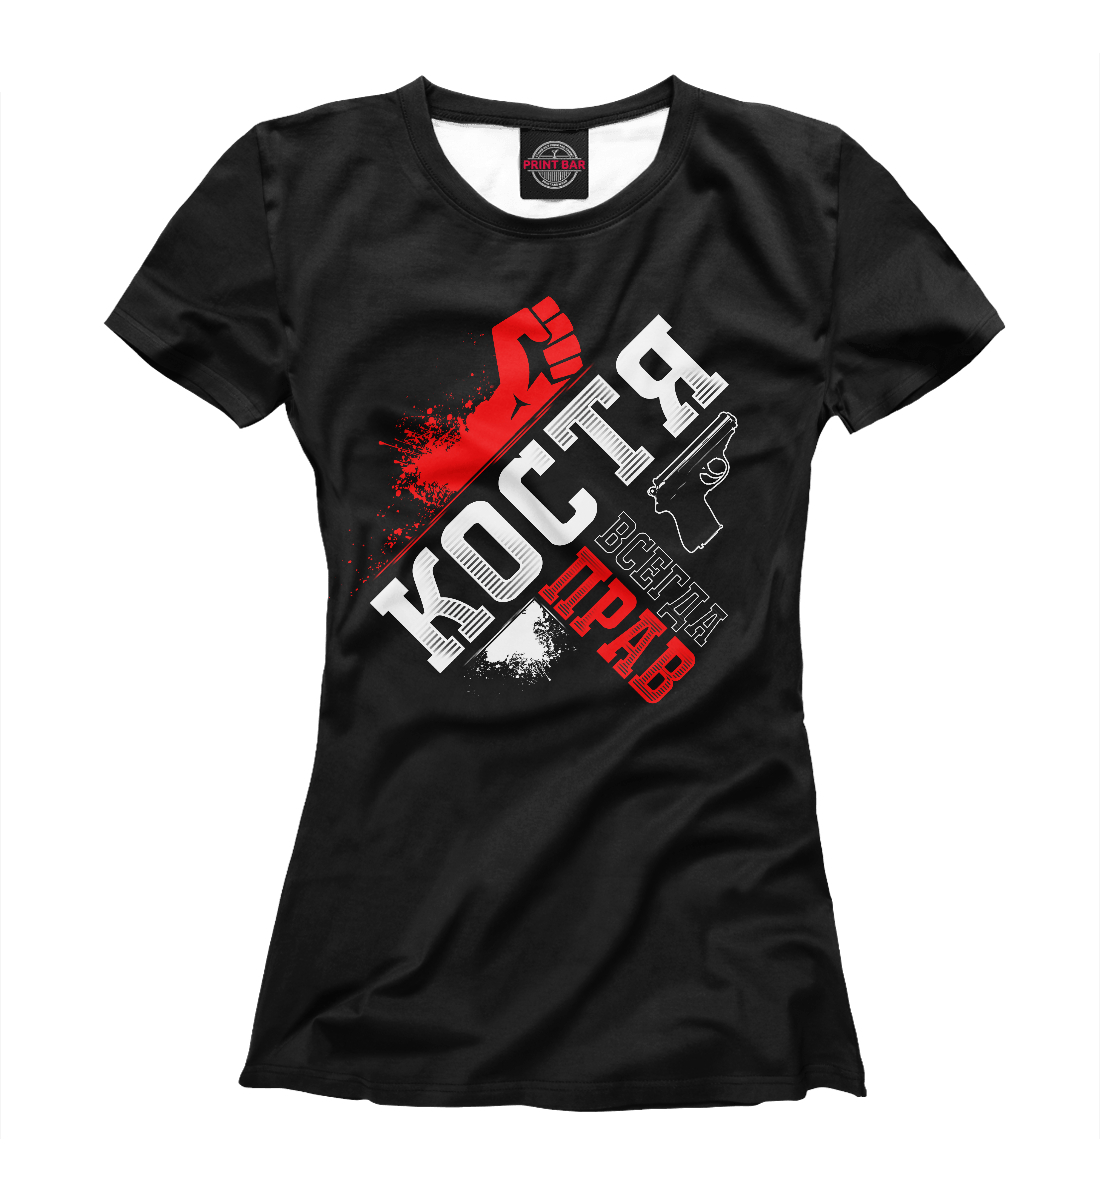 Купить Костя, Printbar, Футболки, KST-995655-fut-1